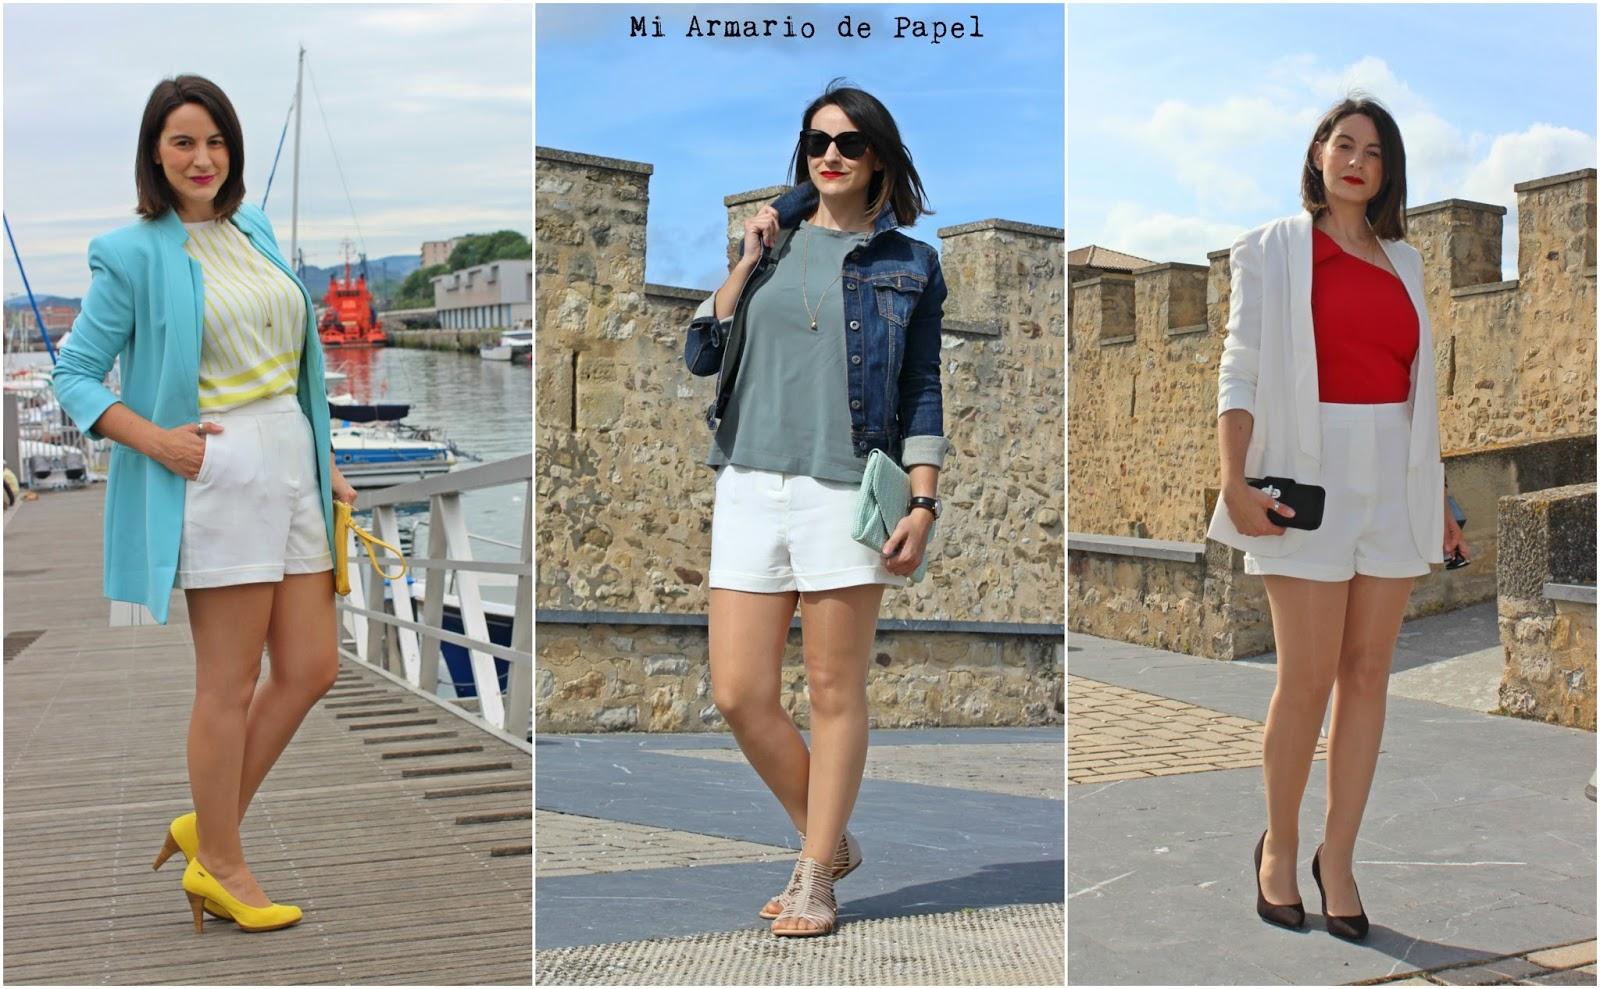 b6d8cdb8fd Aquí van las tres combinaciones que os he propuesto para vestir unos shorts  blancos